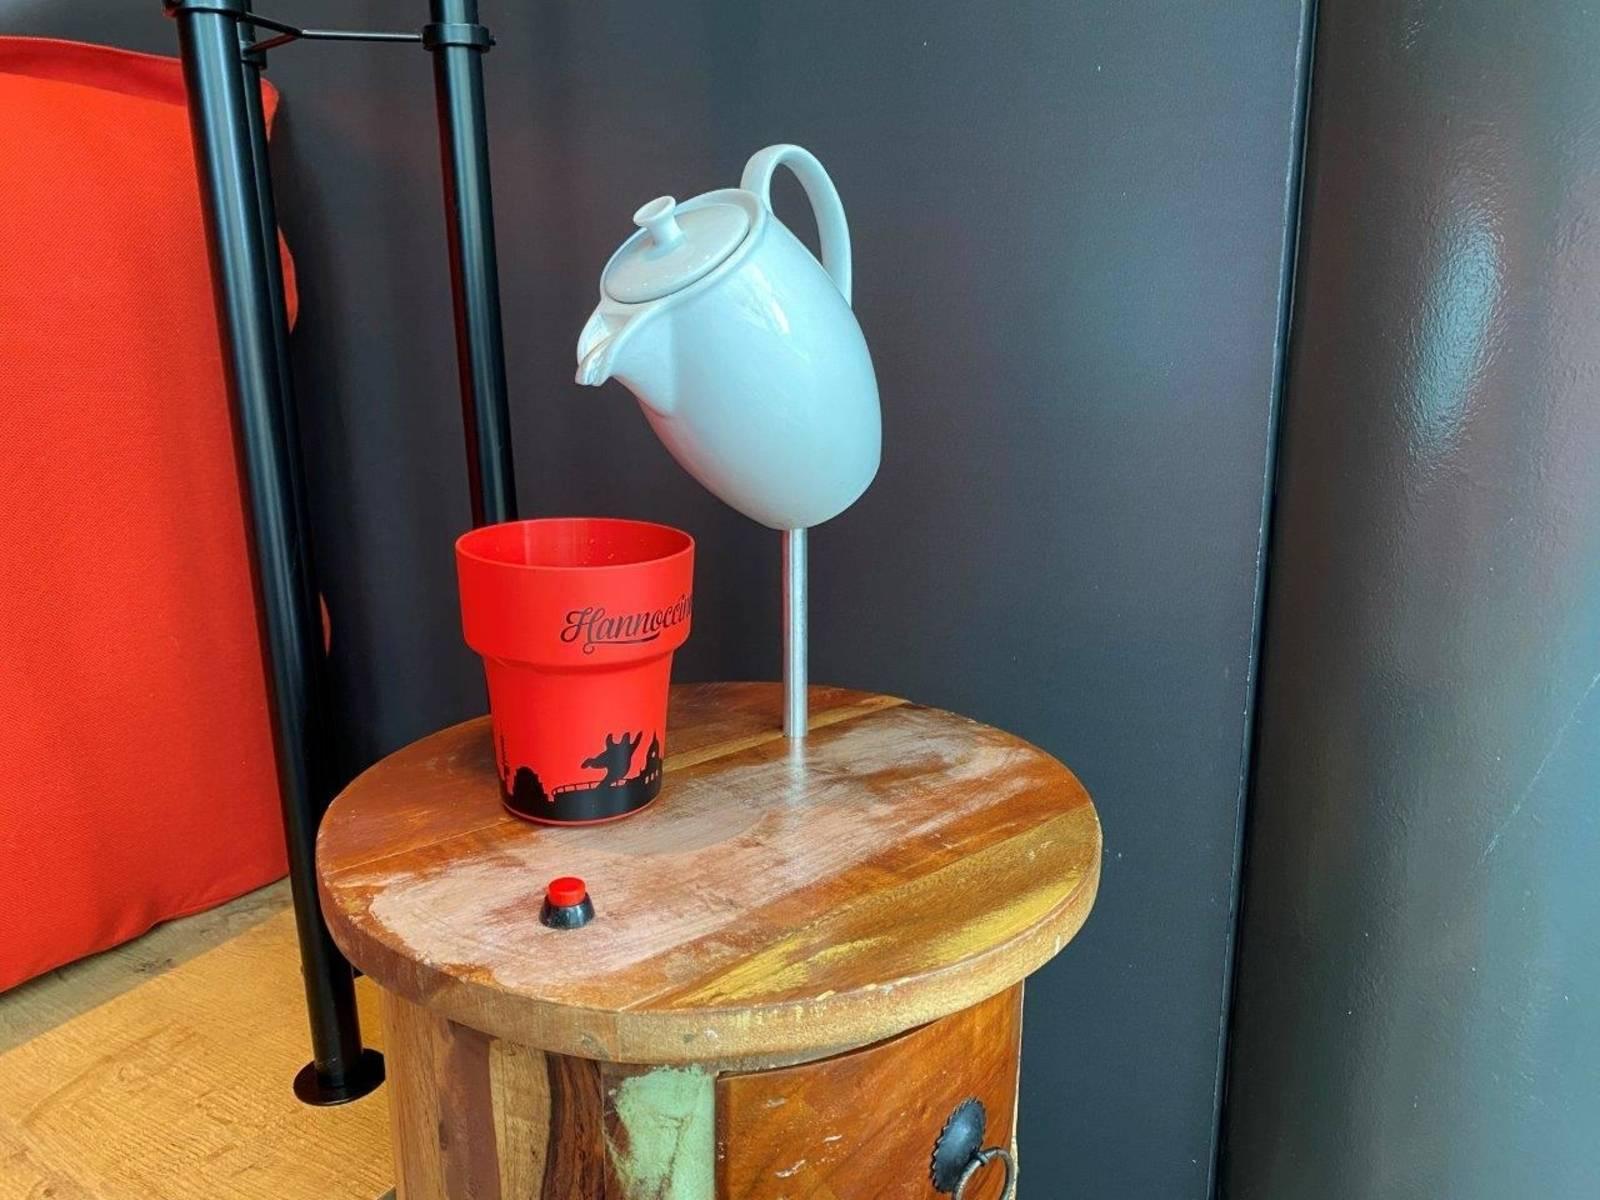 Der rote Hannoccino-Becher steht auf einen kleinen Schränkchen. Darüber ist eine blaue Kaffeekanne aus Porzellan installiert, die geneigt das Eingießen andeutet.